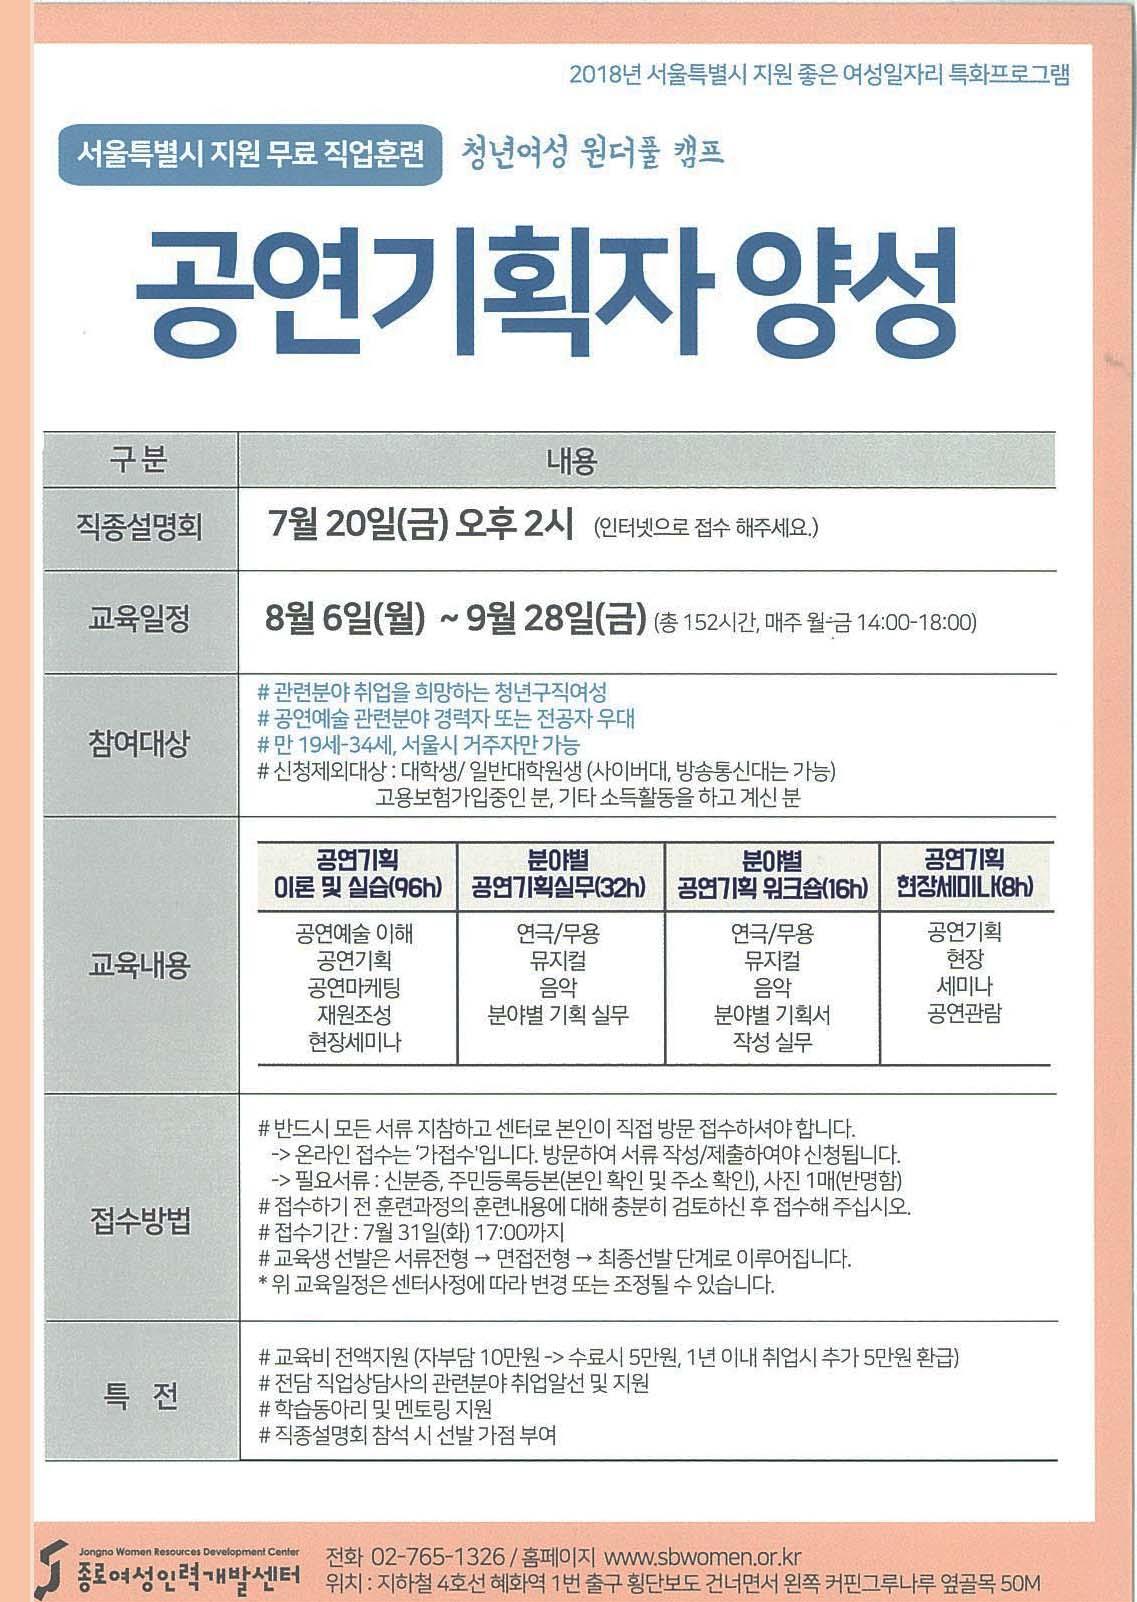 [서울시지원교육] 청년여성 원더풀캠프 공연기획자과정이미지2